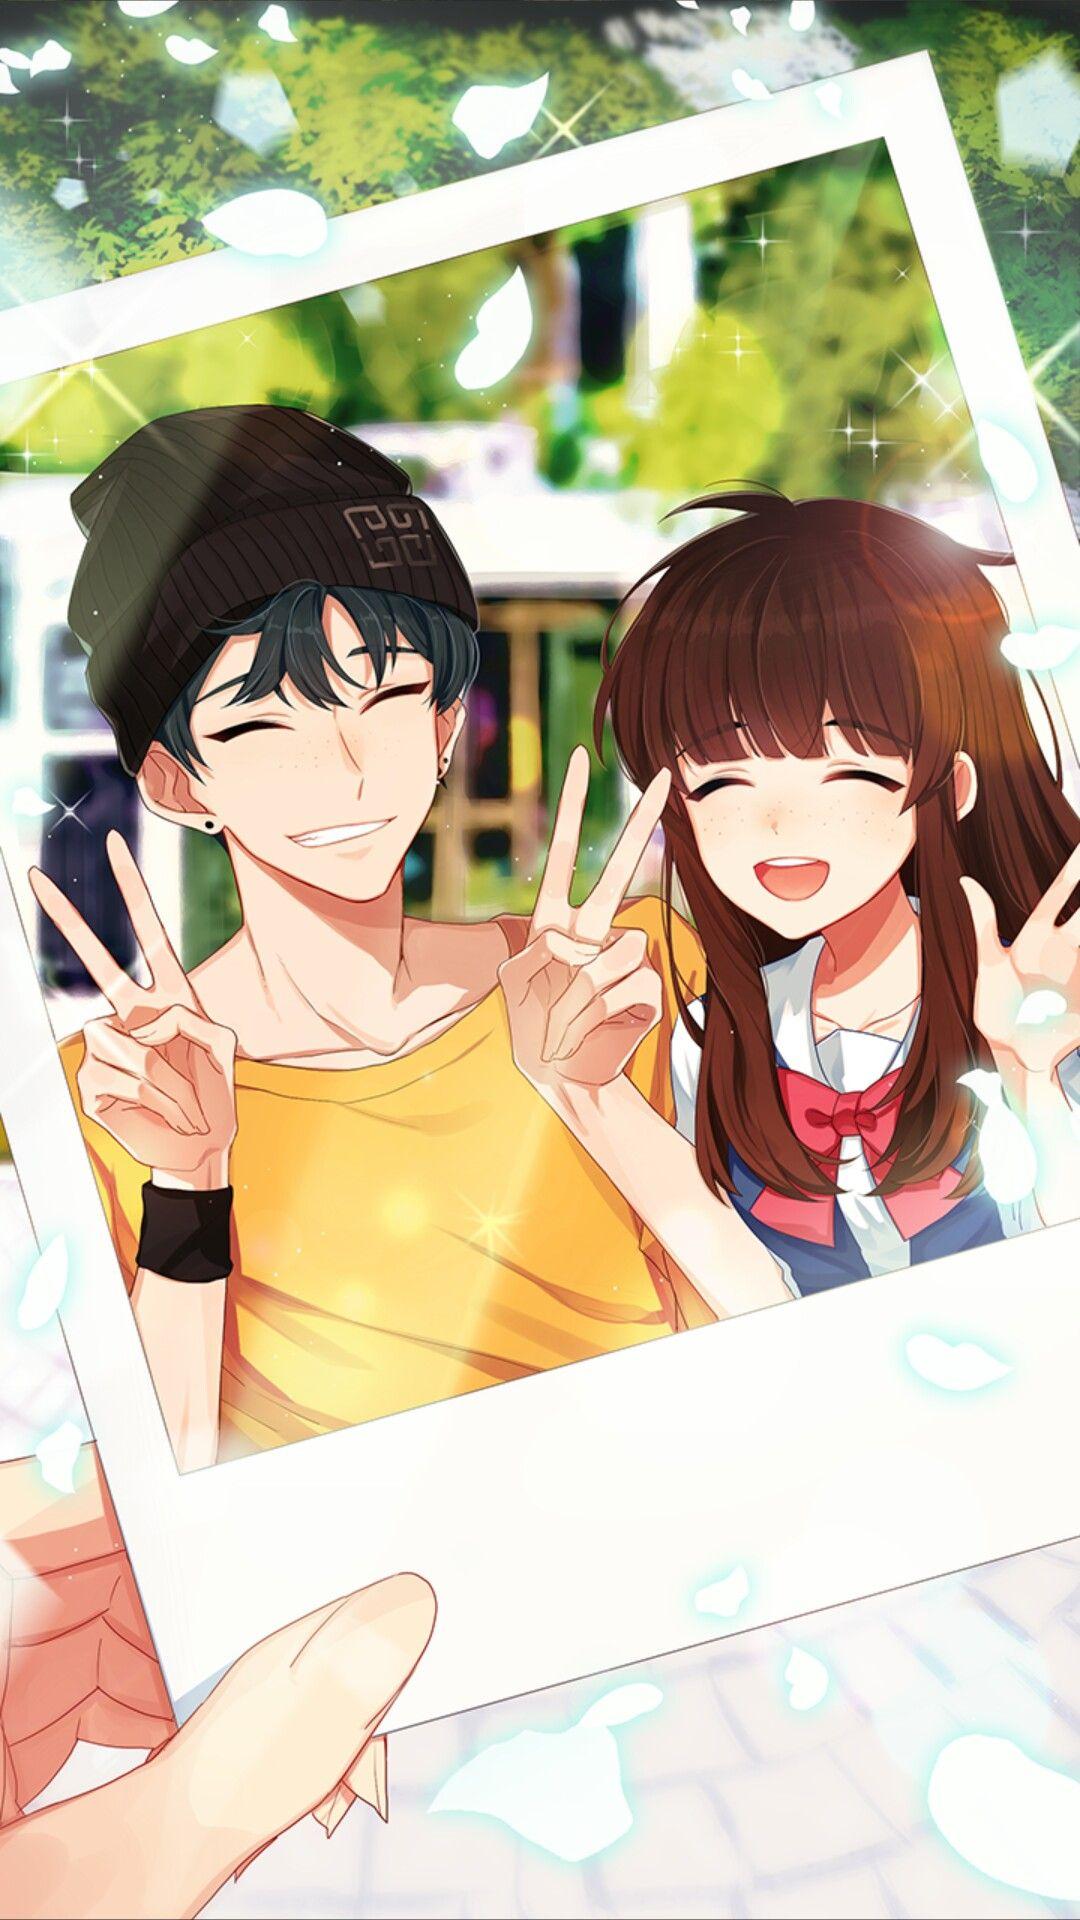 Pin oleh ʷᵃⁿ² di Anime's di 2020 Pasangan animasi